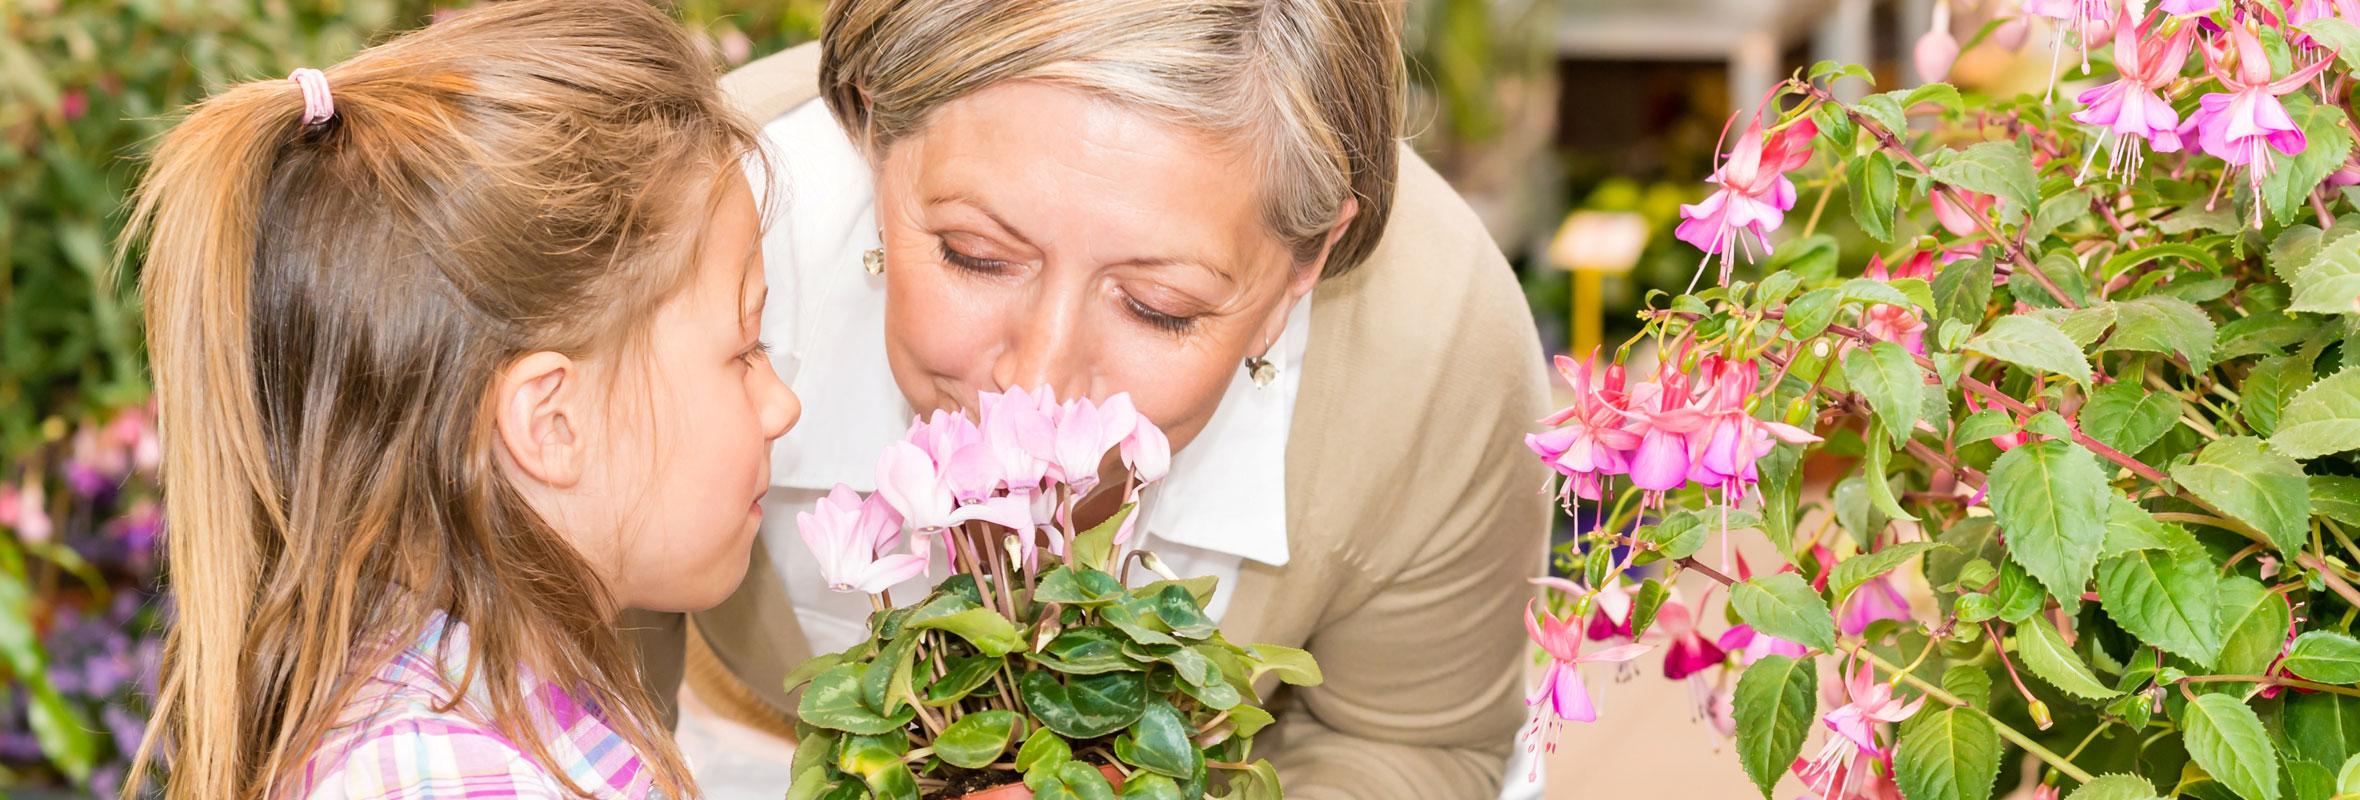 Individuelle Gartengestaltung Ohlde